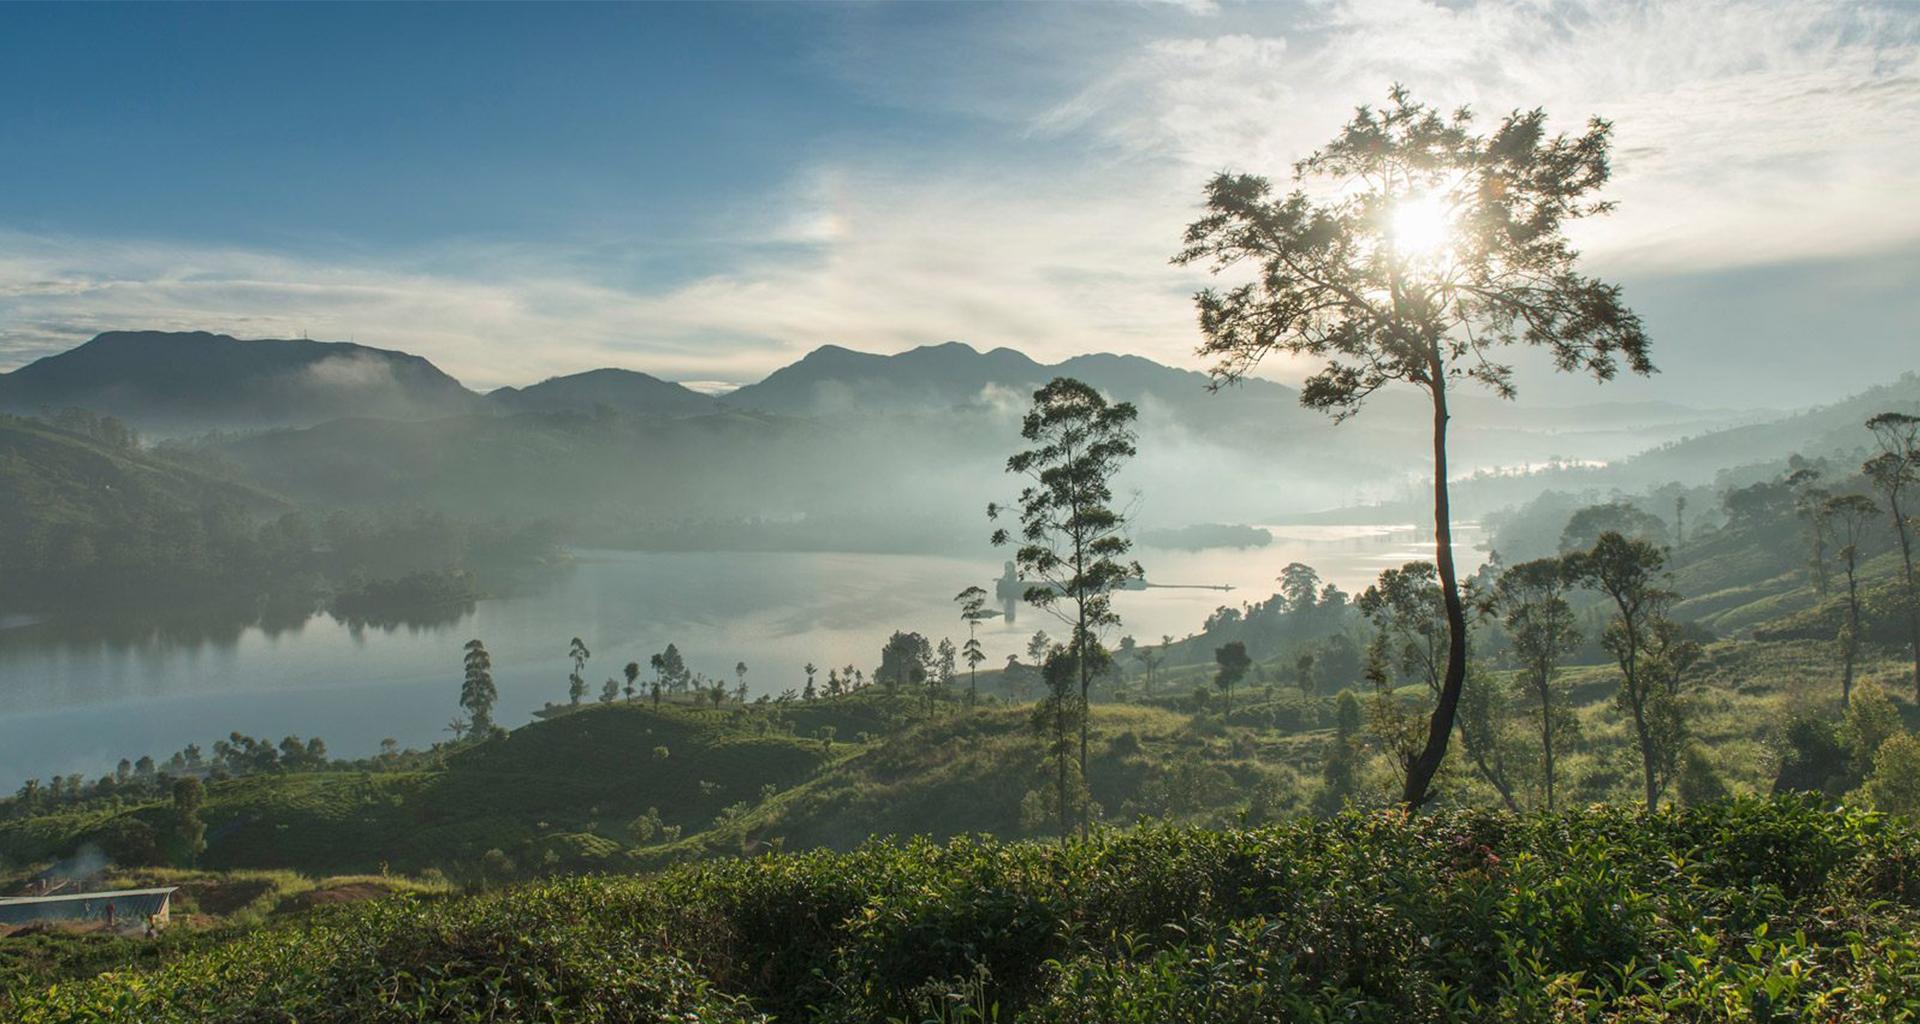 Viajes a Sri Lanka - Consejos y Recomendaciones de Viaje